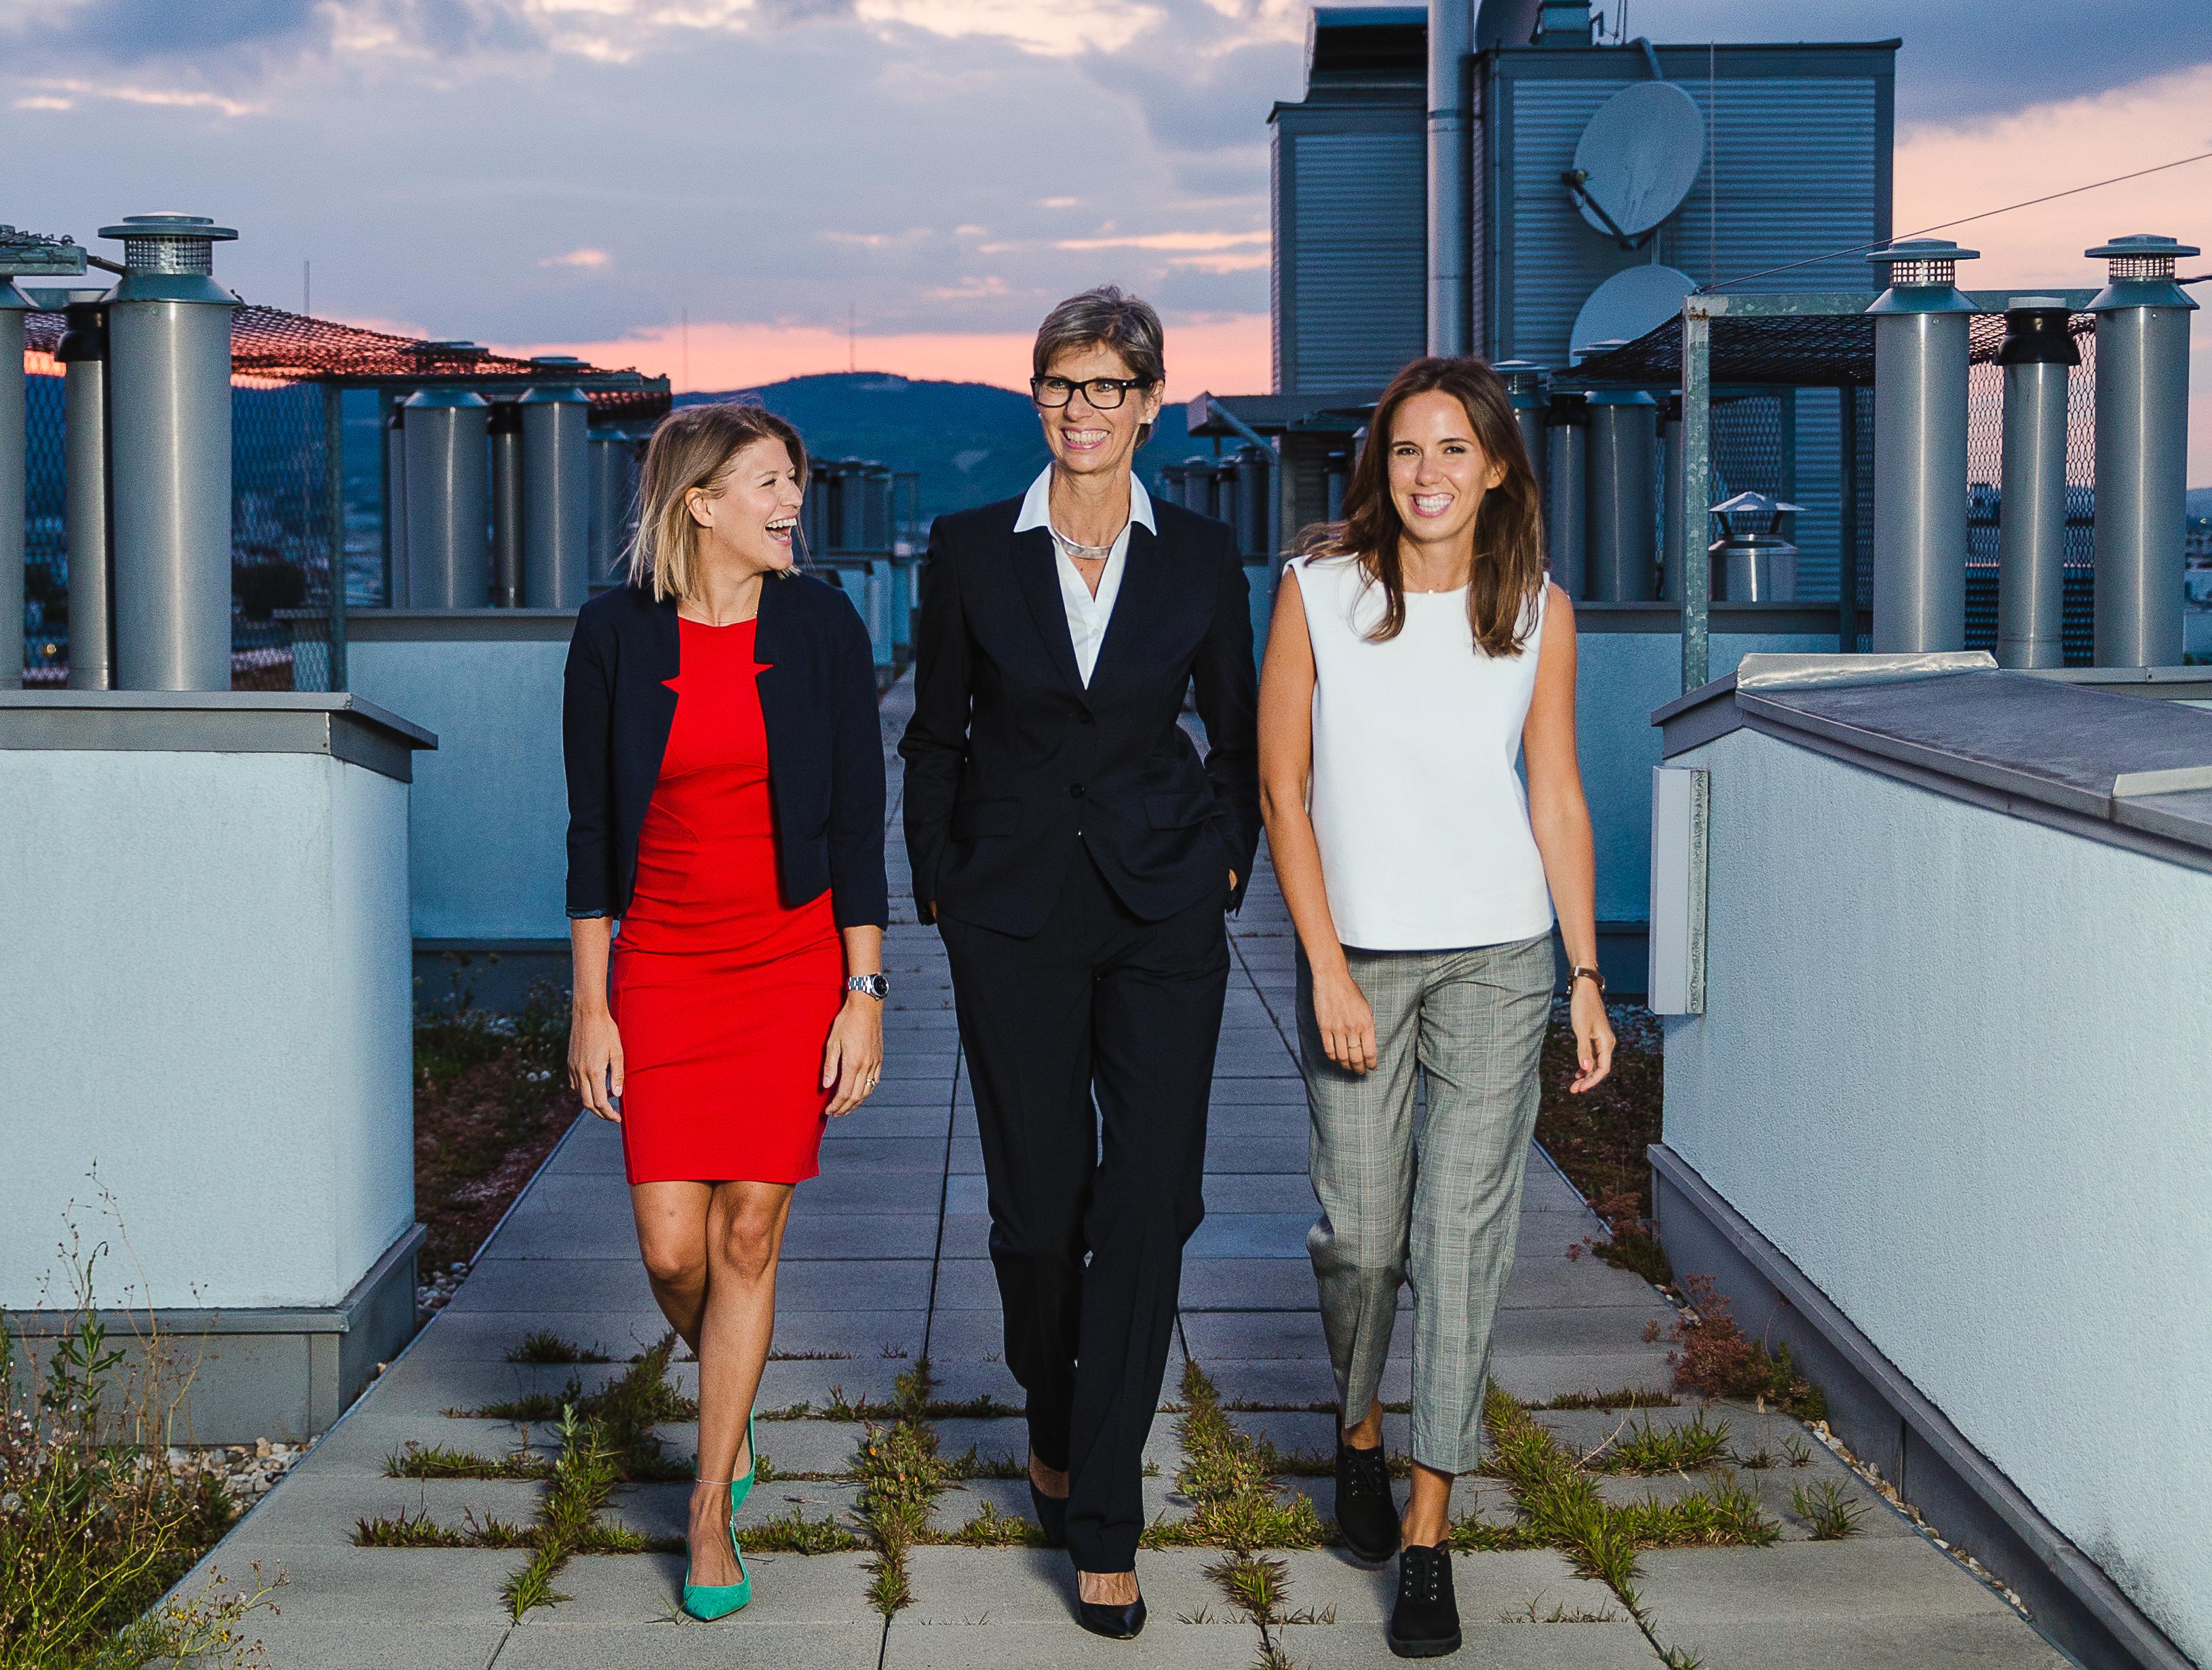 pikestorm Team - Hannah Sturm, Gabriele Hecht, Franziska Hecht